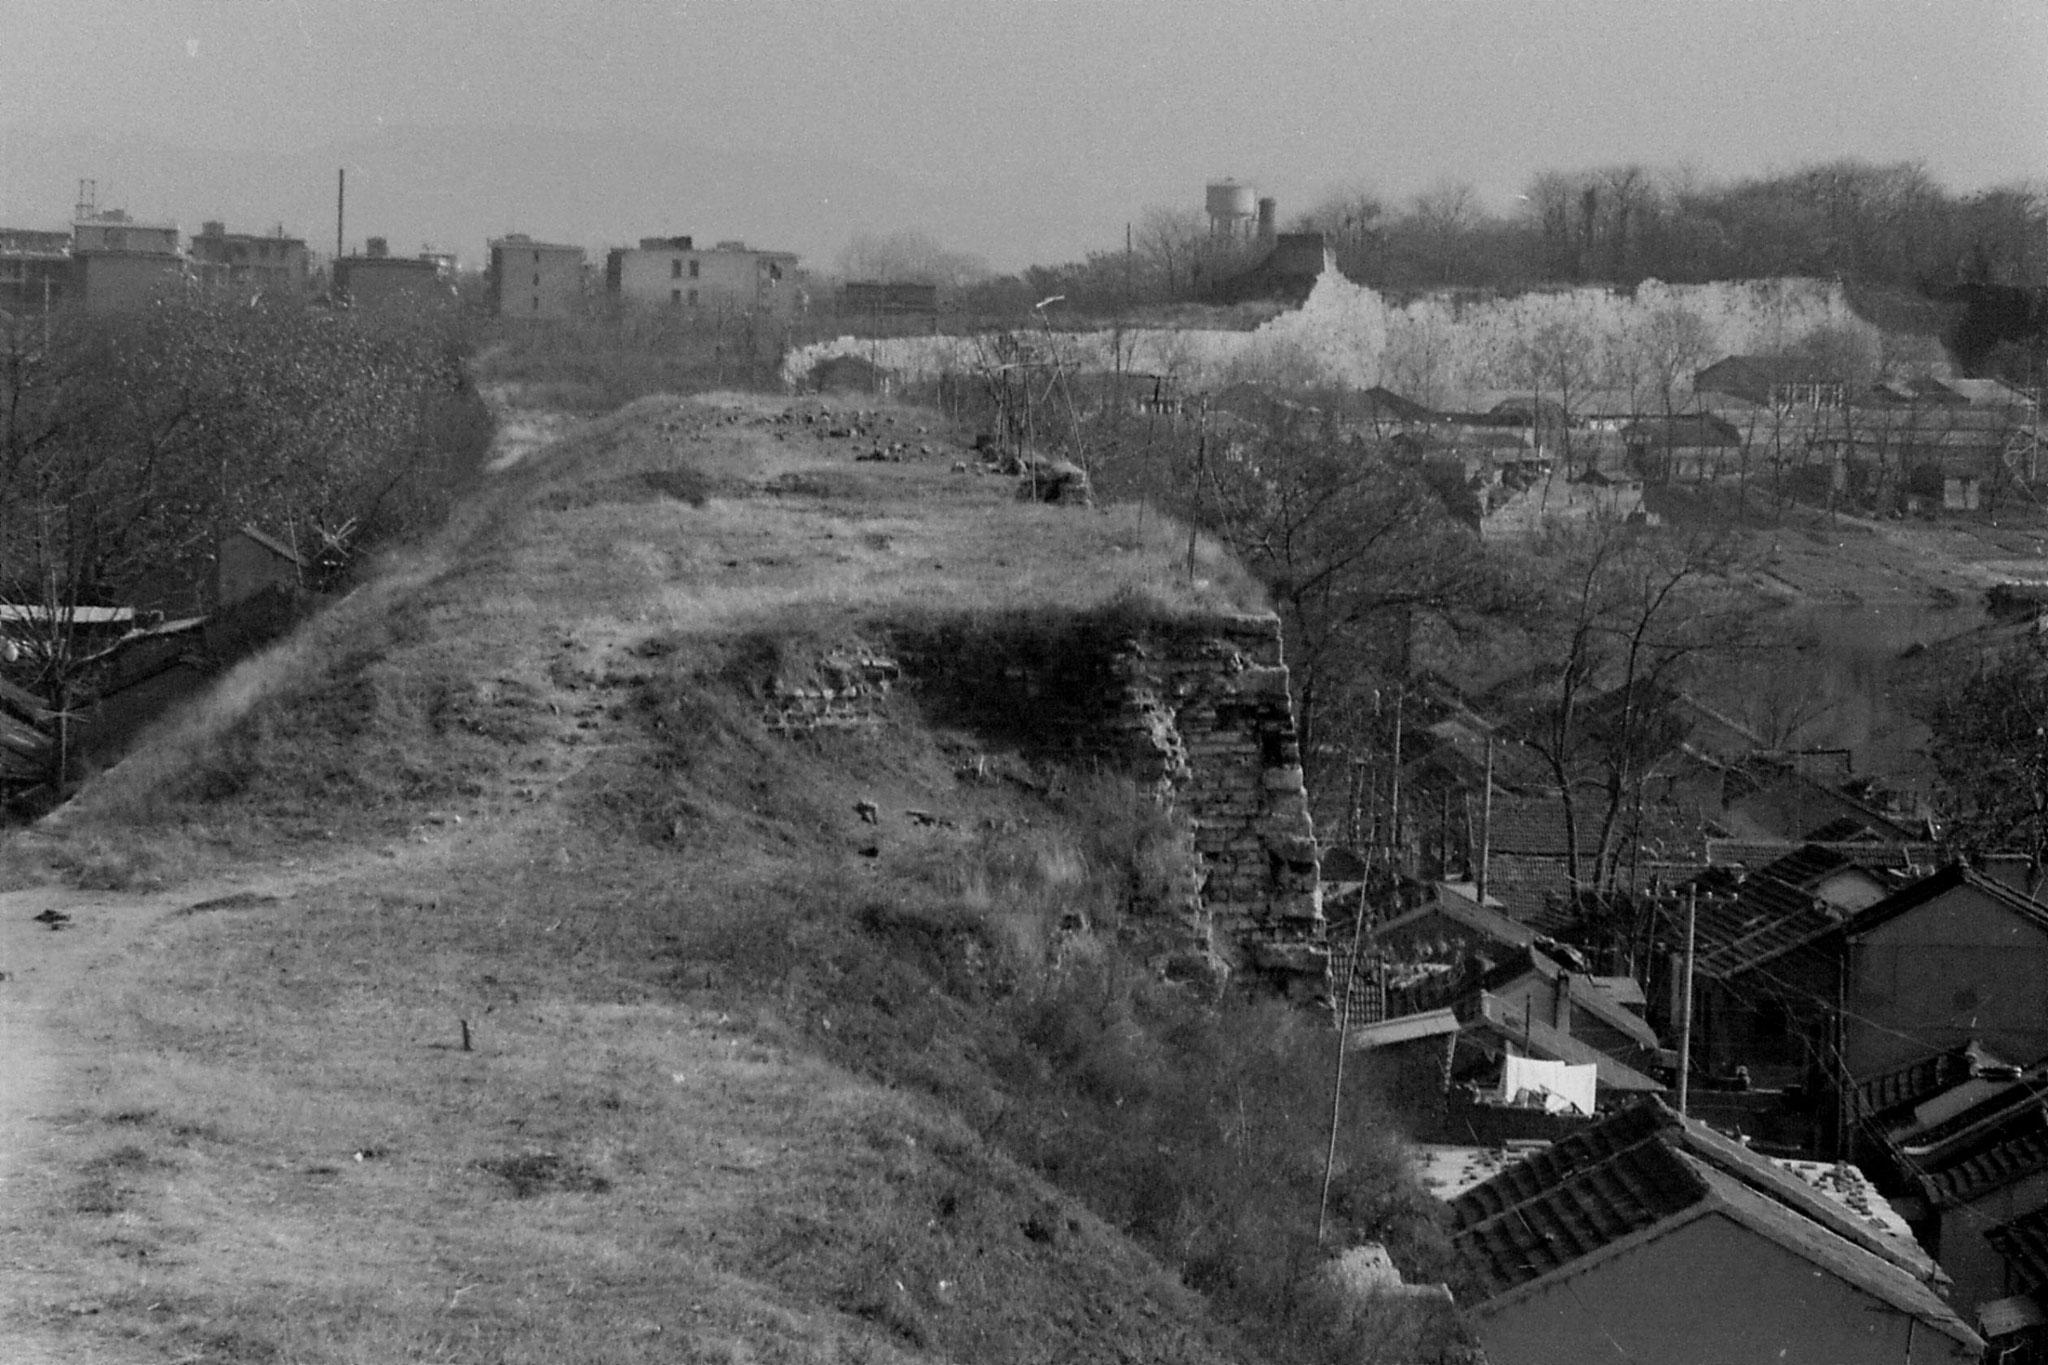 11/12/1988: 10: Nanjing